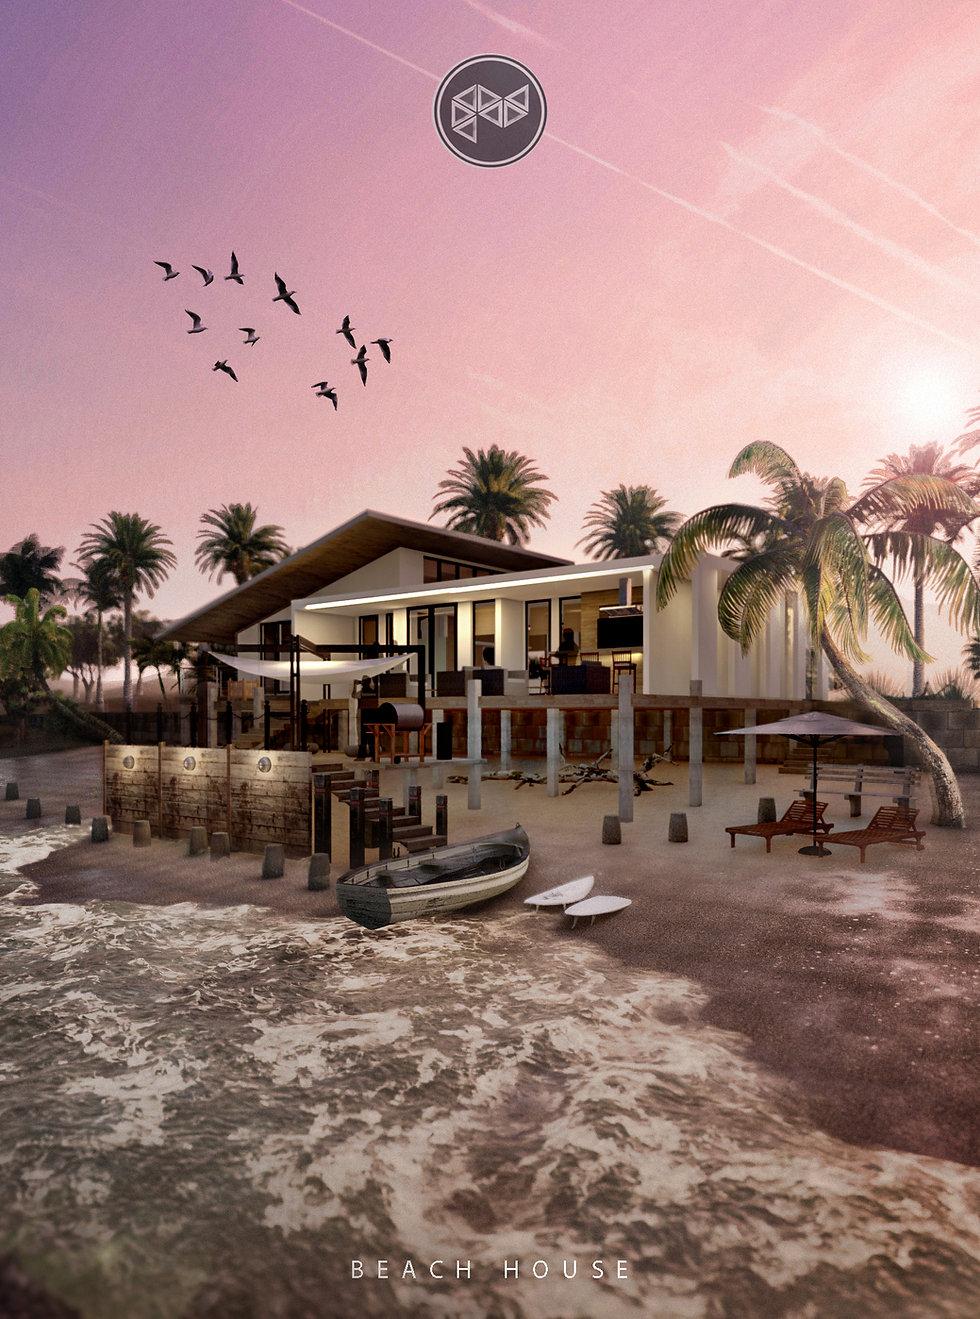 beachhouse a2++.jpg